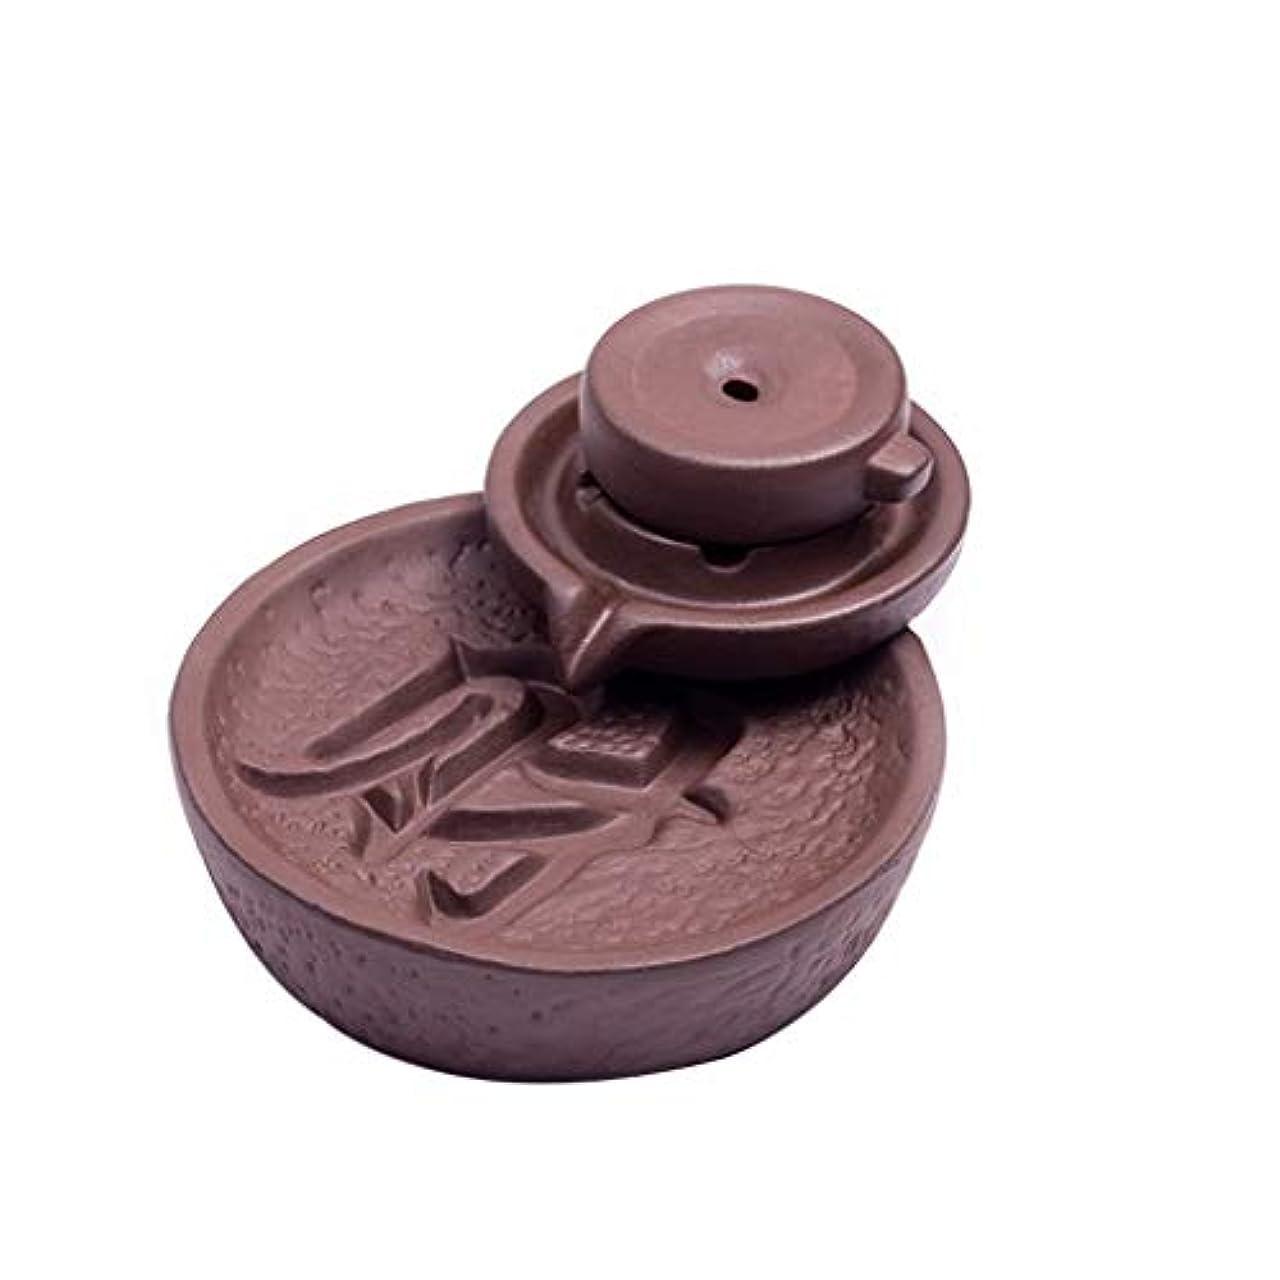 どきどき最も労働者ホームアロマバーナー 逆流香バーナー家庭用香屋内香サンダルウッド香バーナー装飾セラミック炉 アロマバーナー